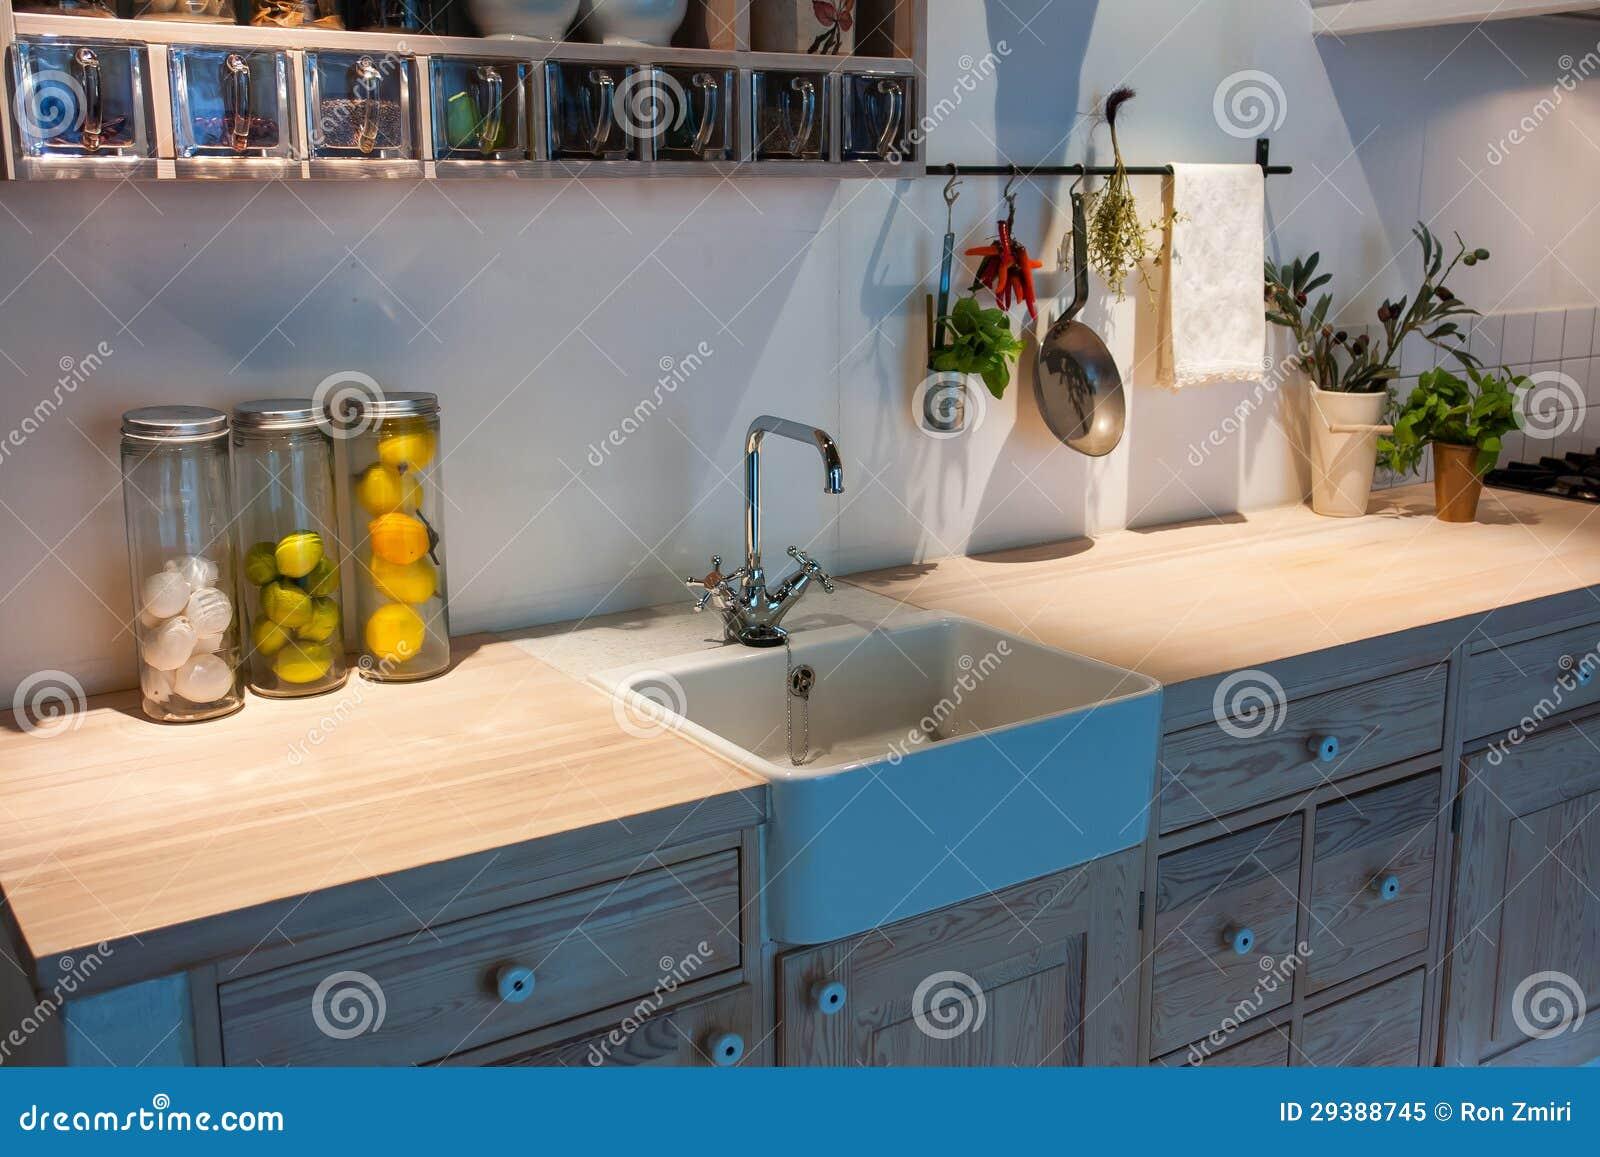 Tolle Landküche Menüpreise Galerie - Küchen Design Ideen ...